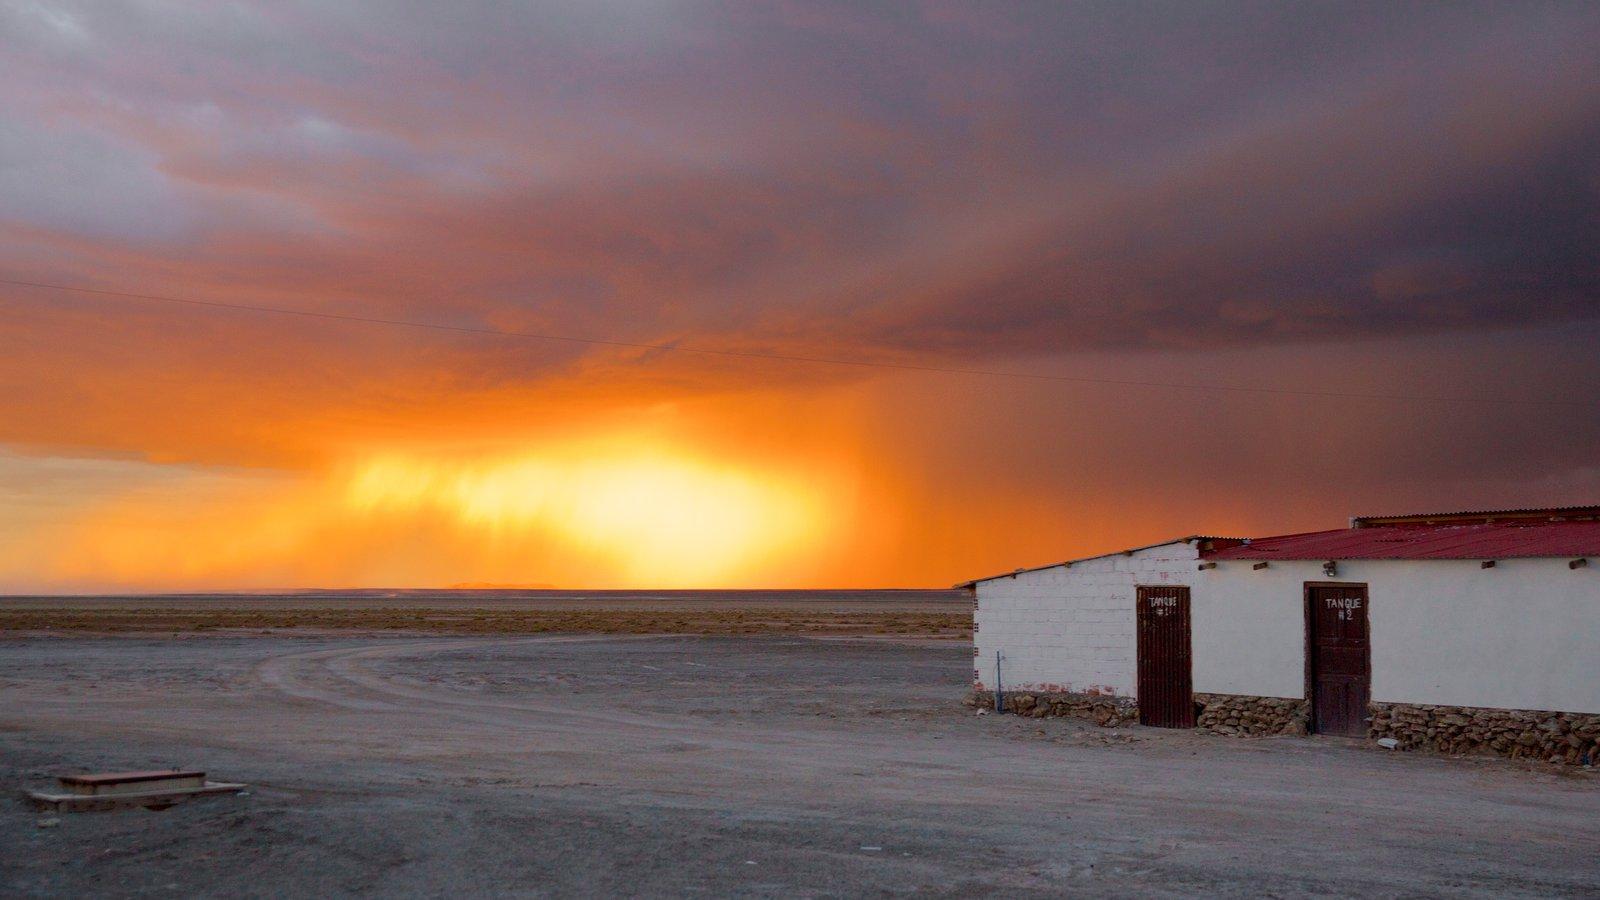 Uyuni caracterizando um pôr do sol e cenas tranquilas